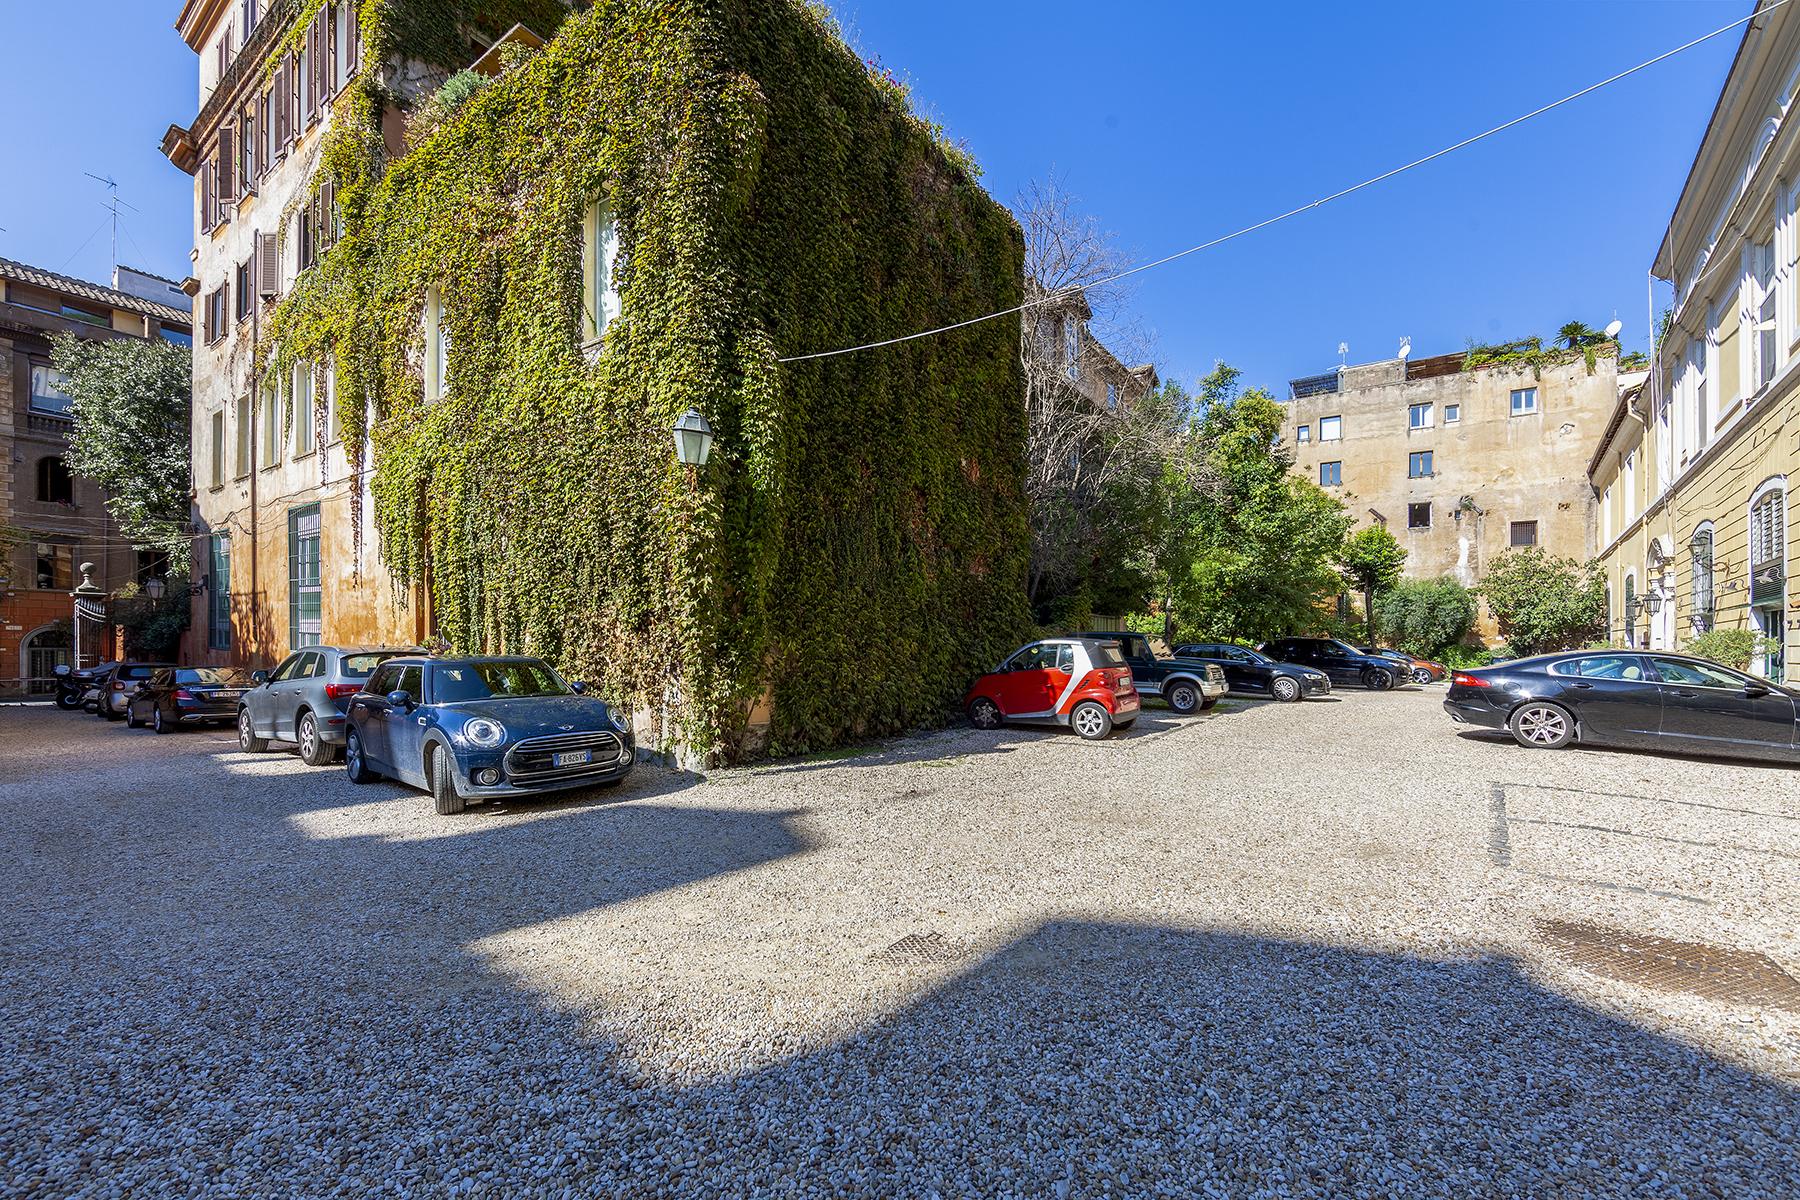 Ufficio-studio in Vendita a Roma: 5 locali, 772 mq - Foto 3